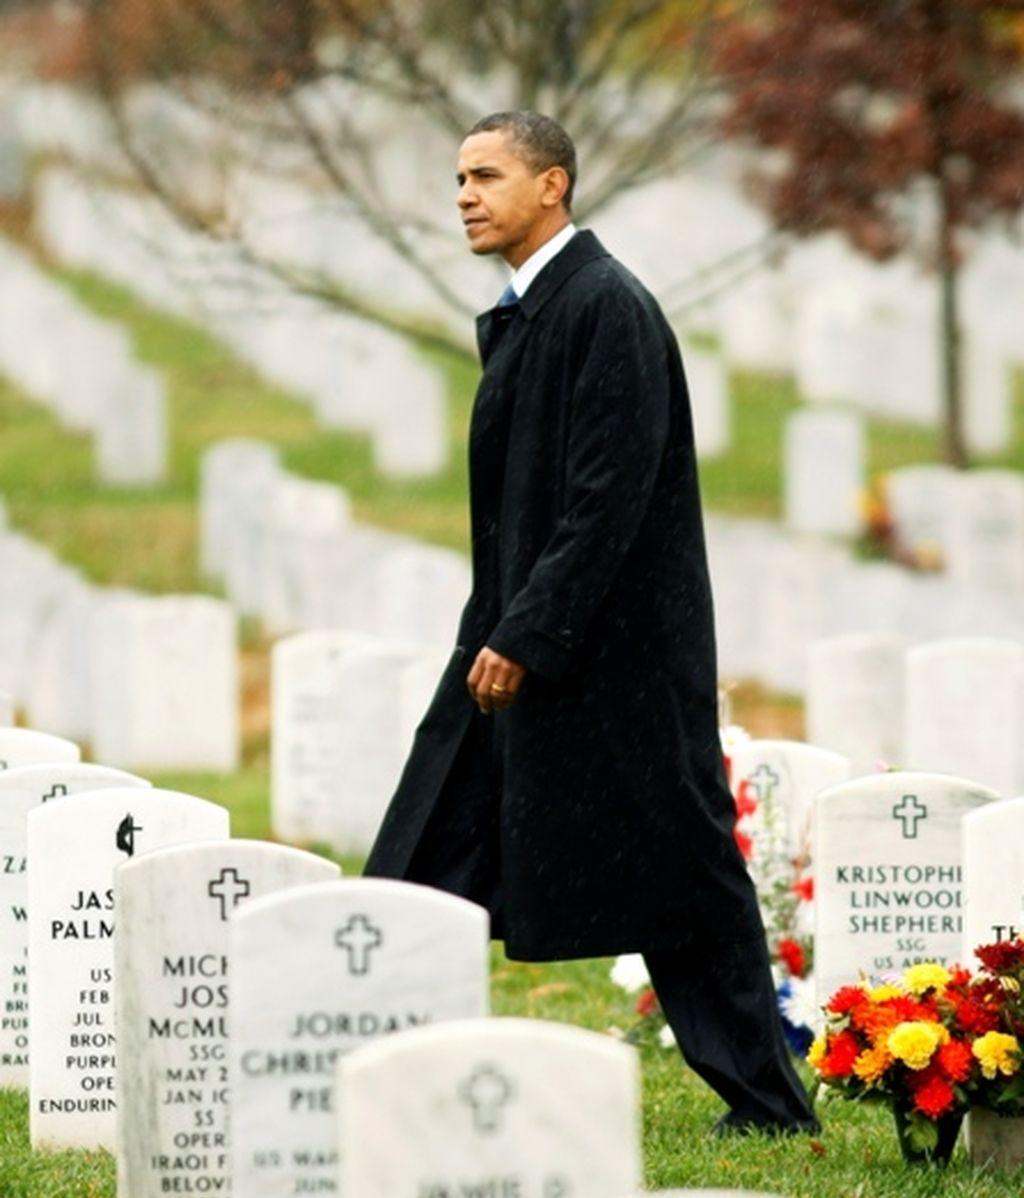 Barack Obama conmemorando el Día de los Veteranos de guerra